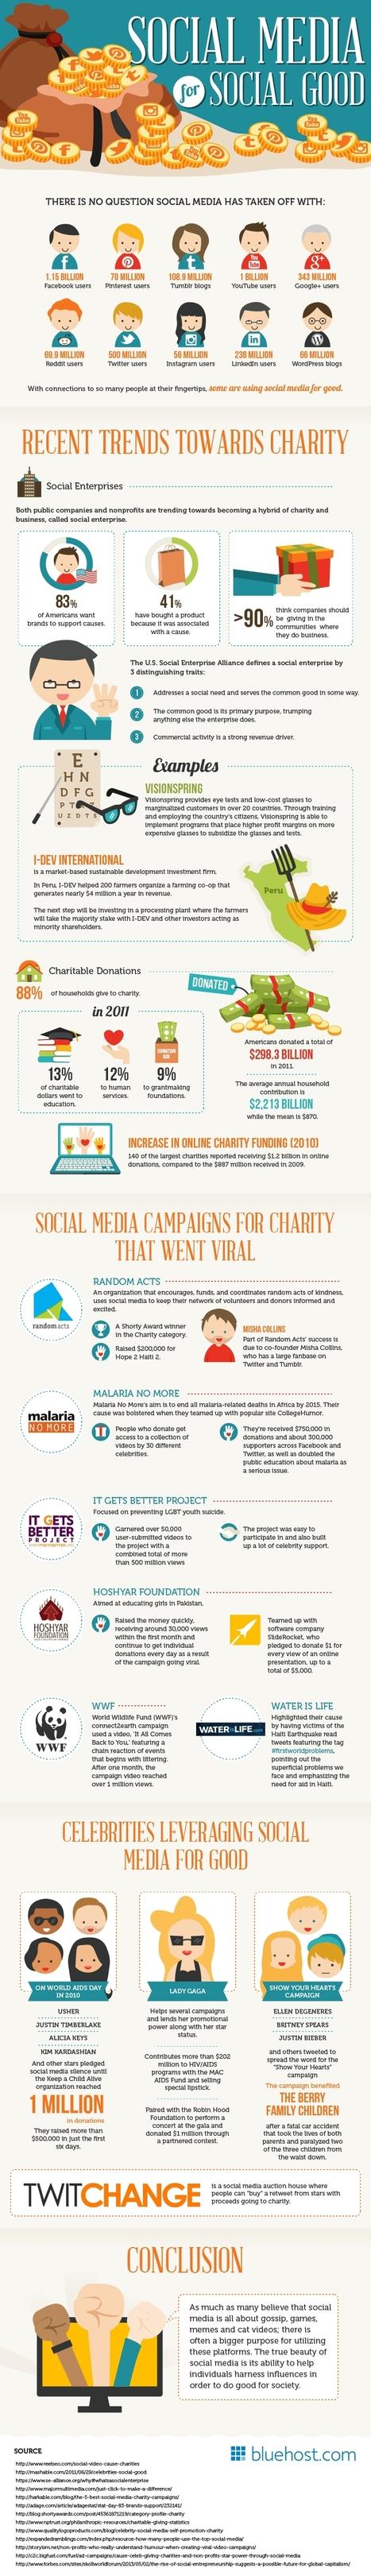 Comment Facebook et les autres médias sociaux sont utilisés pour promouvoir le bien commun   Infographies social media   Scoop.it